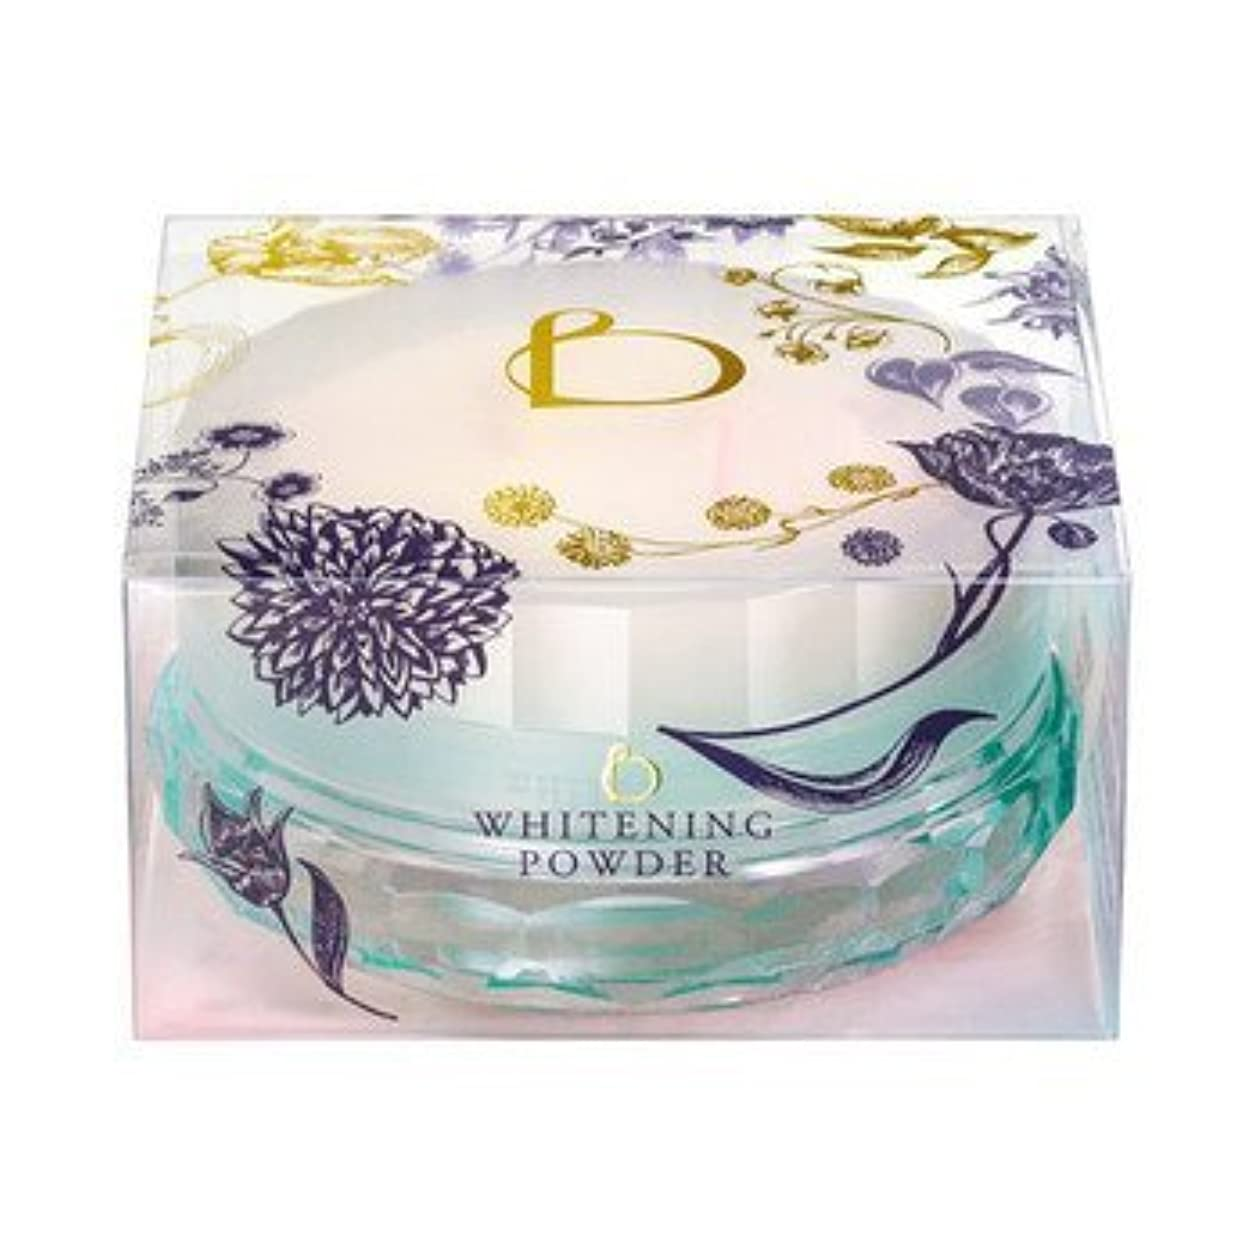 おなかがすいた思い出レオナルドダ資生堂  ベネフィーク ホワイトニングパウダー 薬用美白美容パウダー 25g